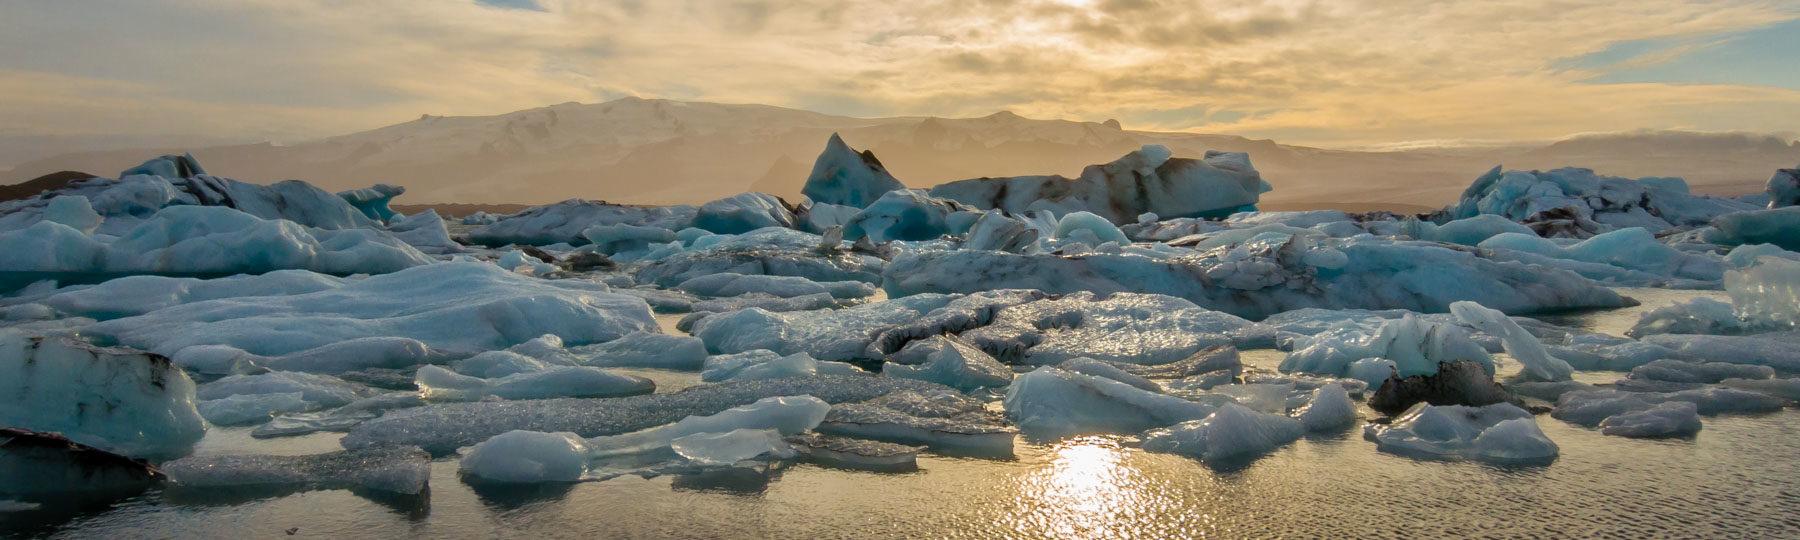 Iceland Iceberg Lagoon